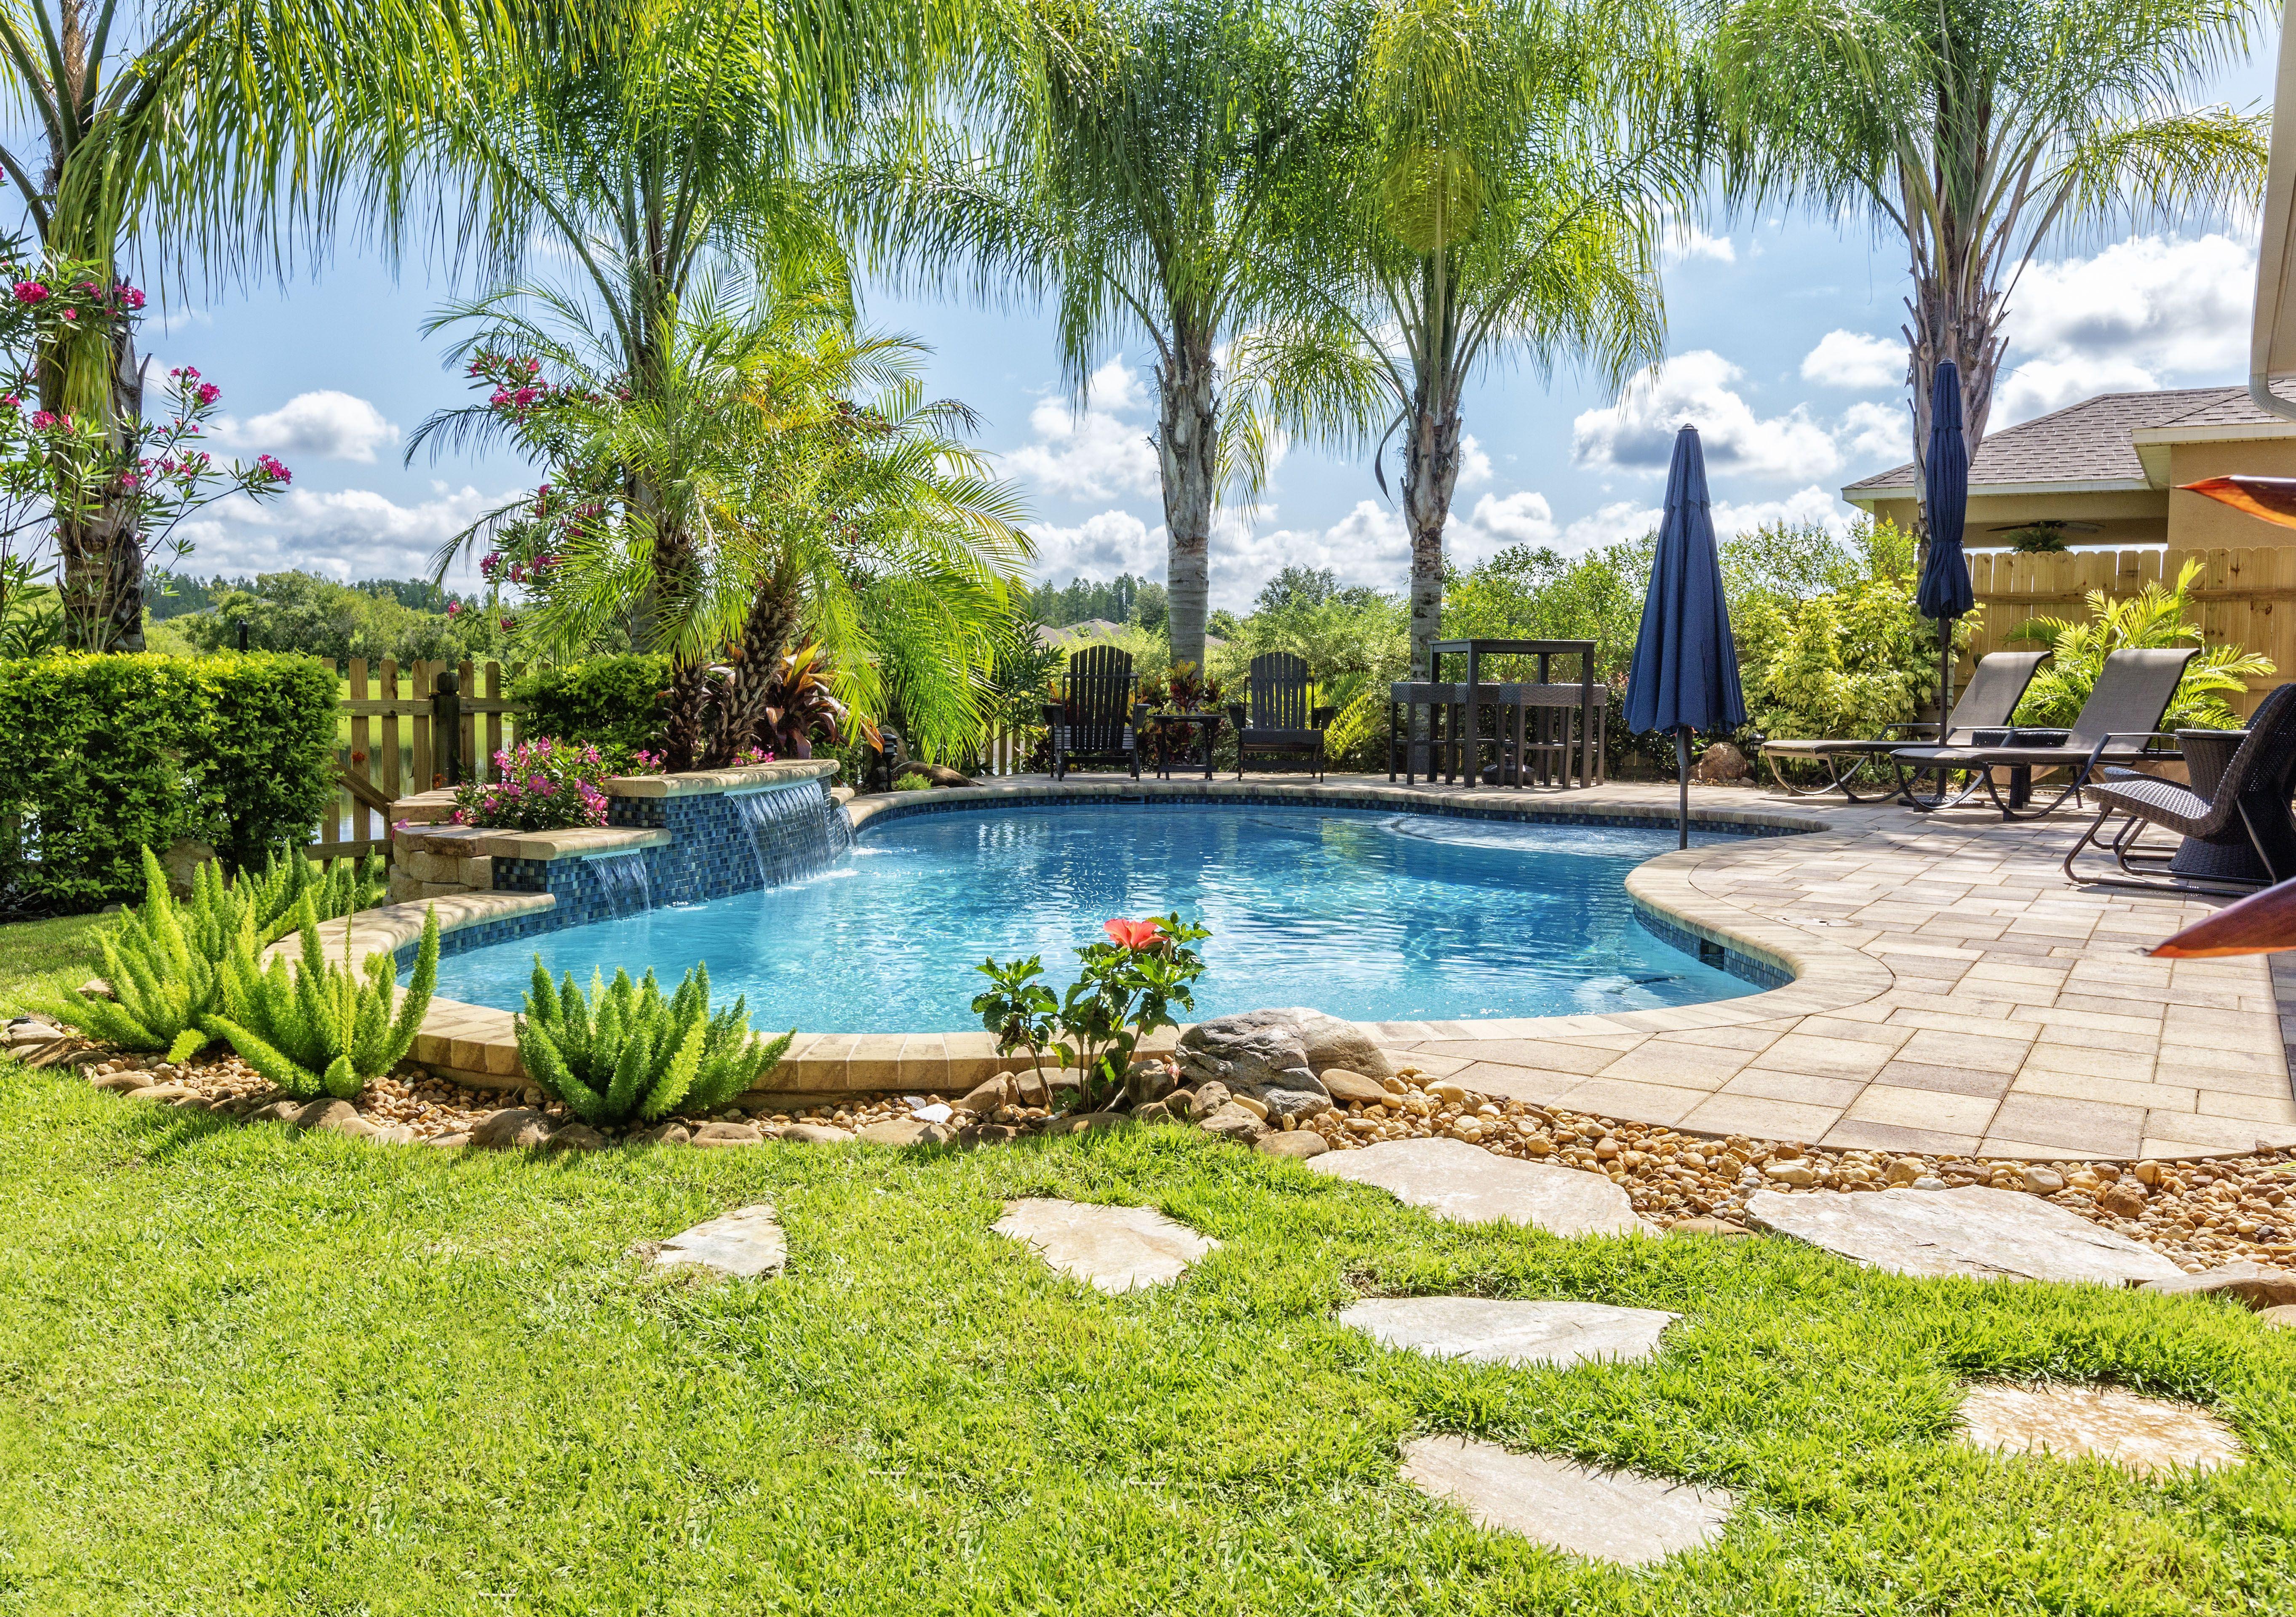 Mantenimiento de jardines y piscinas en Benidorm